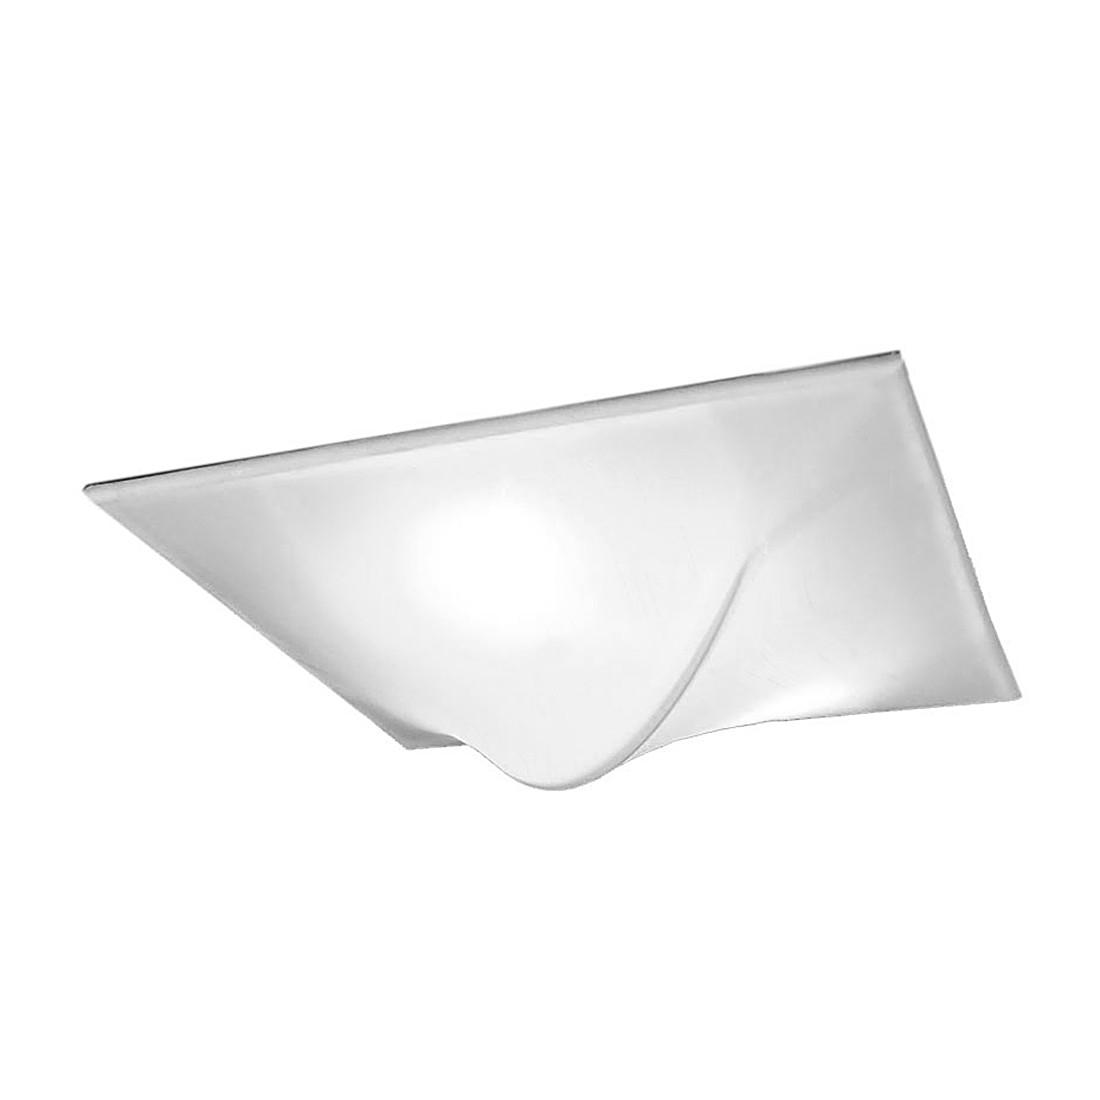 Deckenleuchte Turn – 3-Flammig – Aluminium, Stoff Weiß, s`luce jetzt bestellen